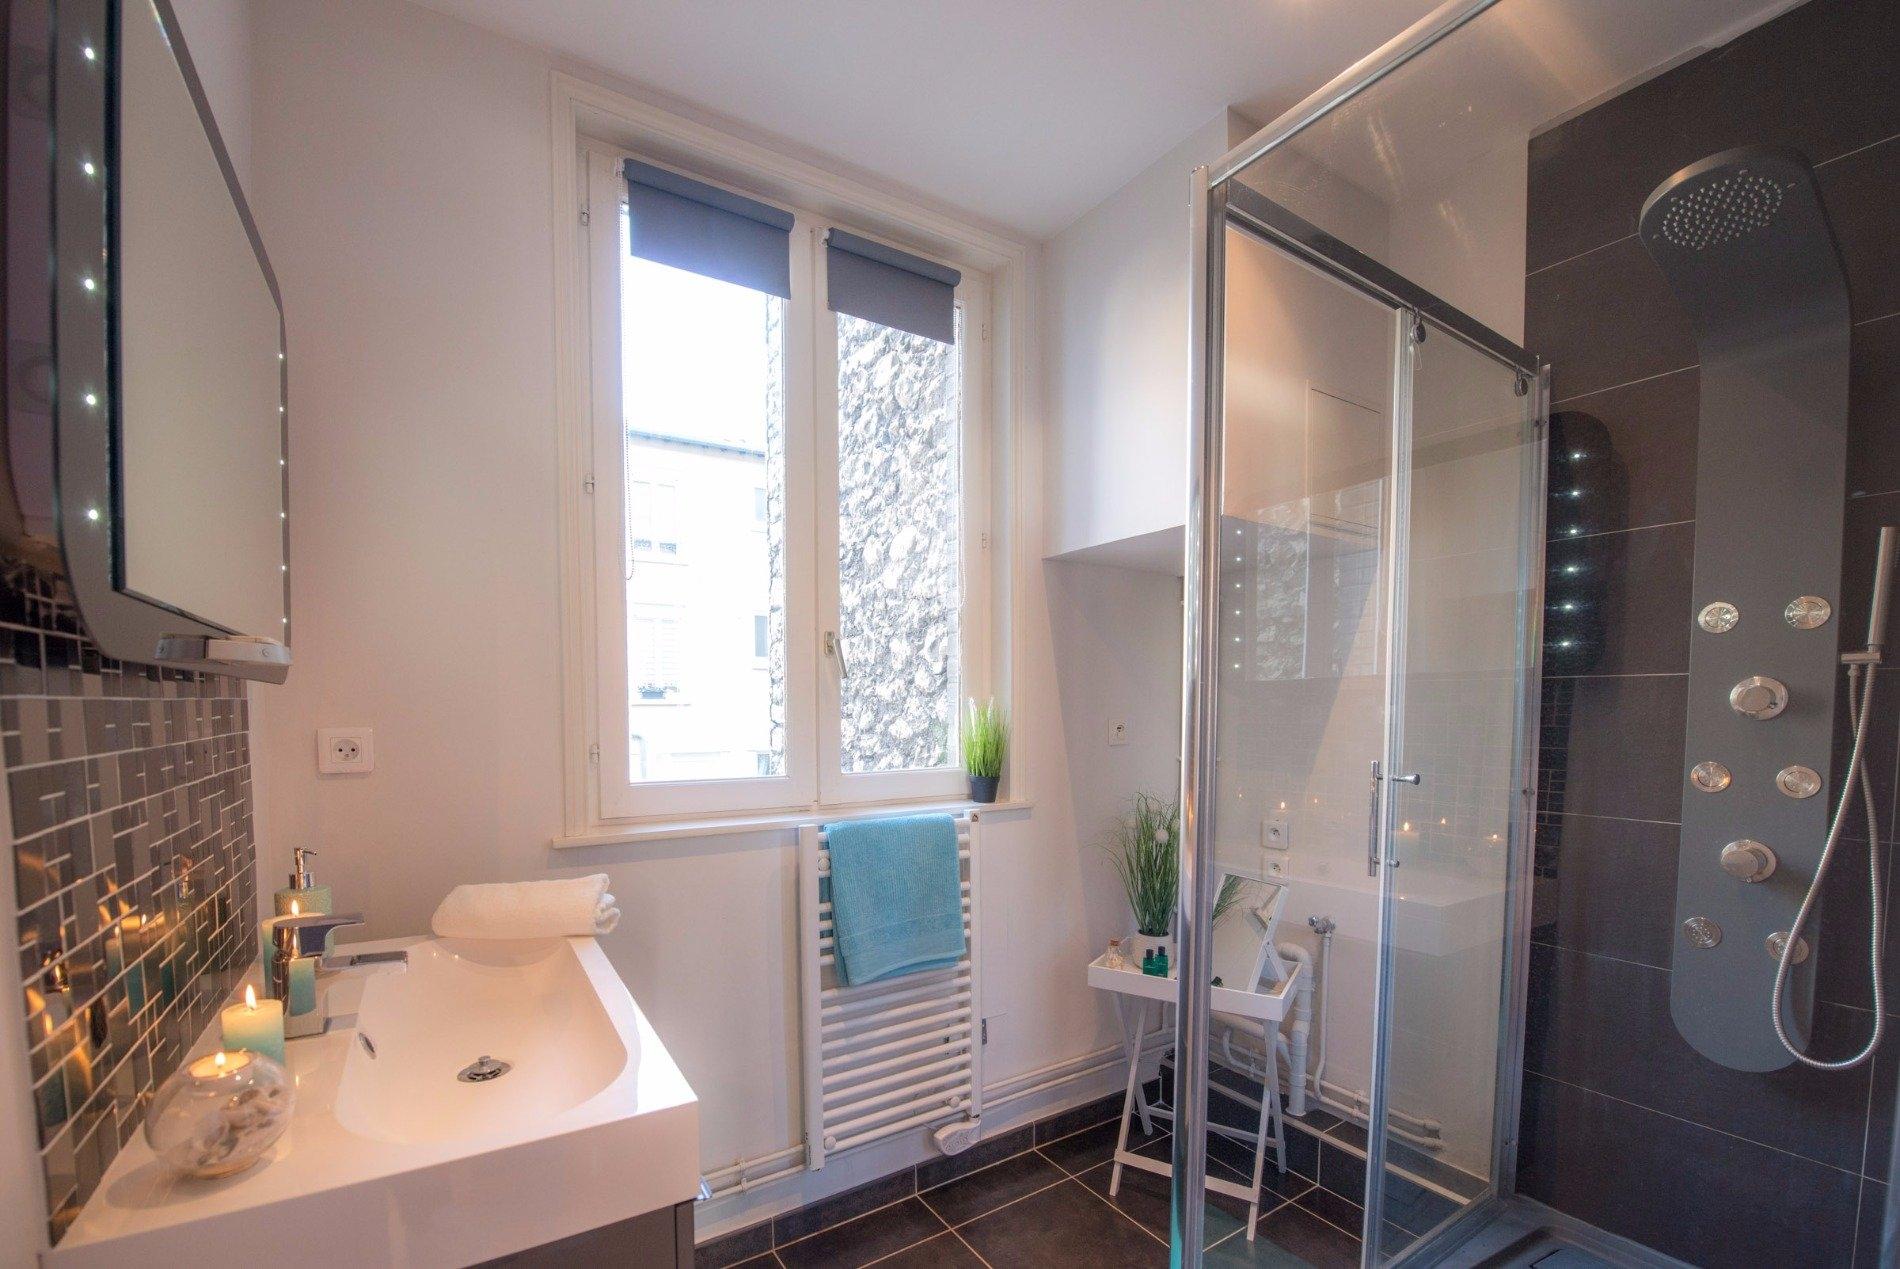 Appartement Reims 2 Pièces 39.69 m2 - 9